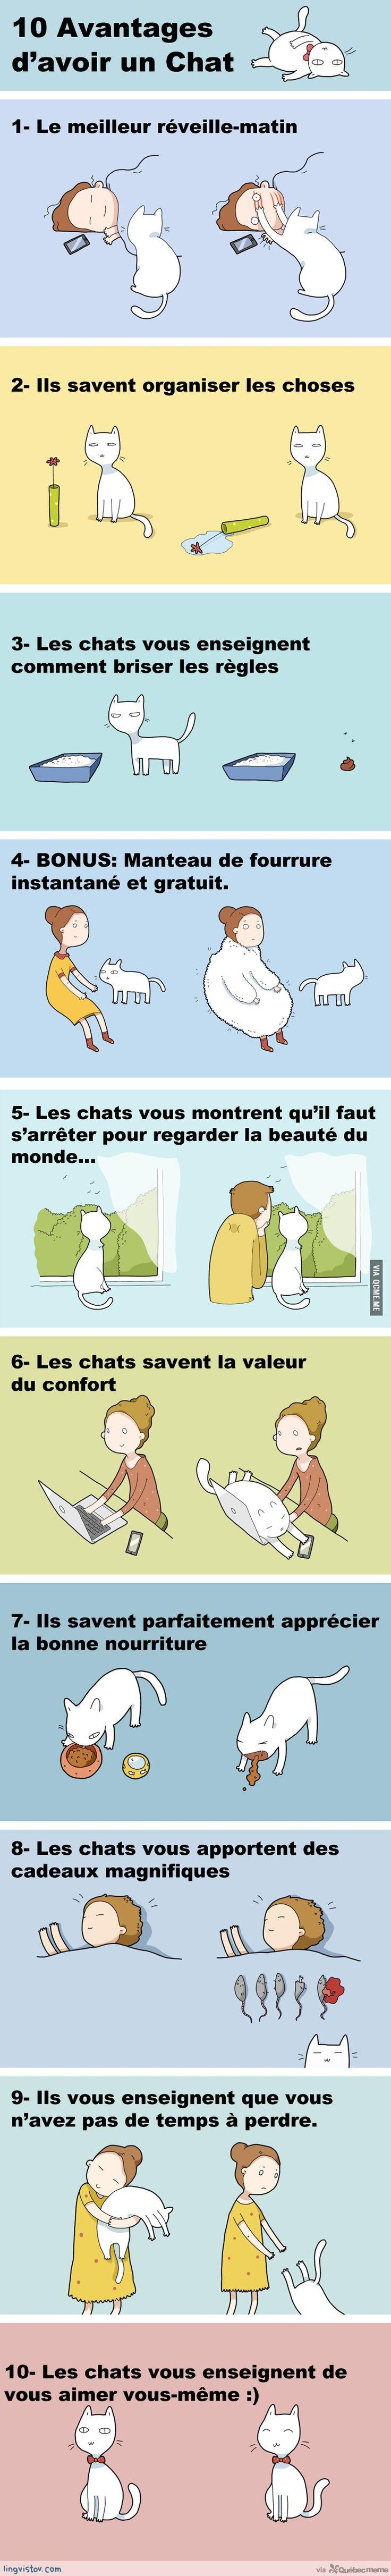 10 Avantages d'avoir un Chat